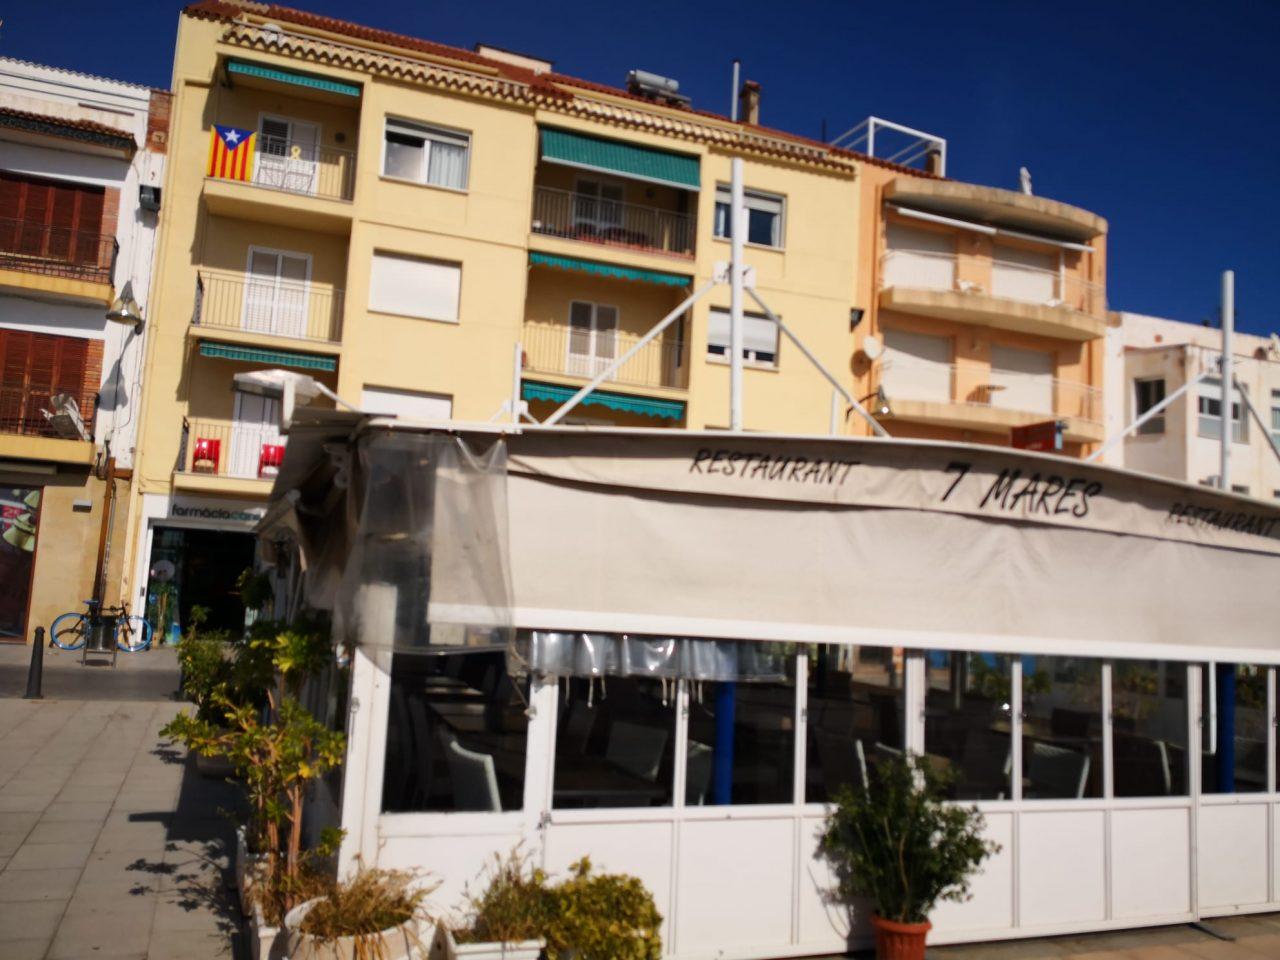 restaurant3-1280x960.jpg